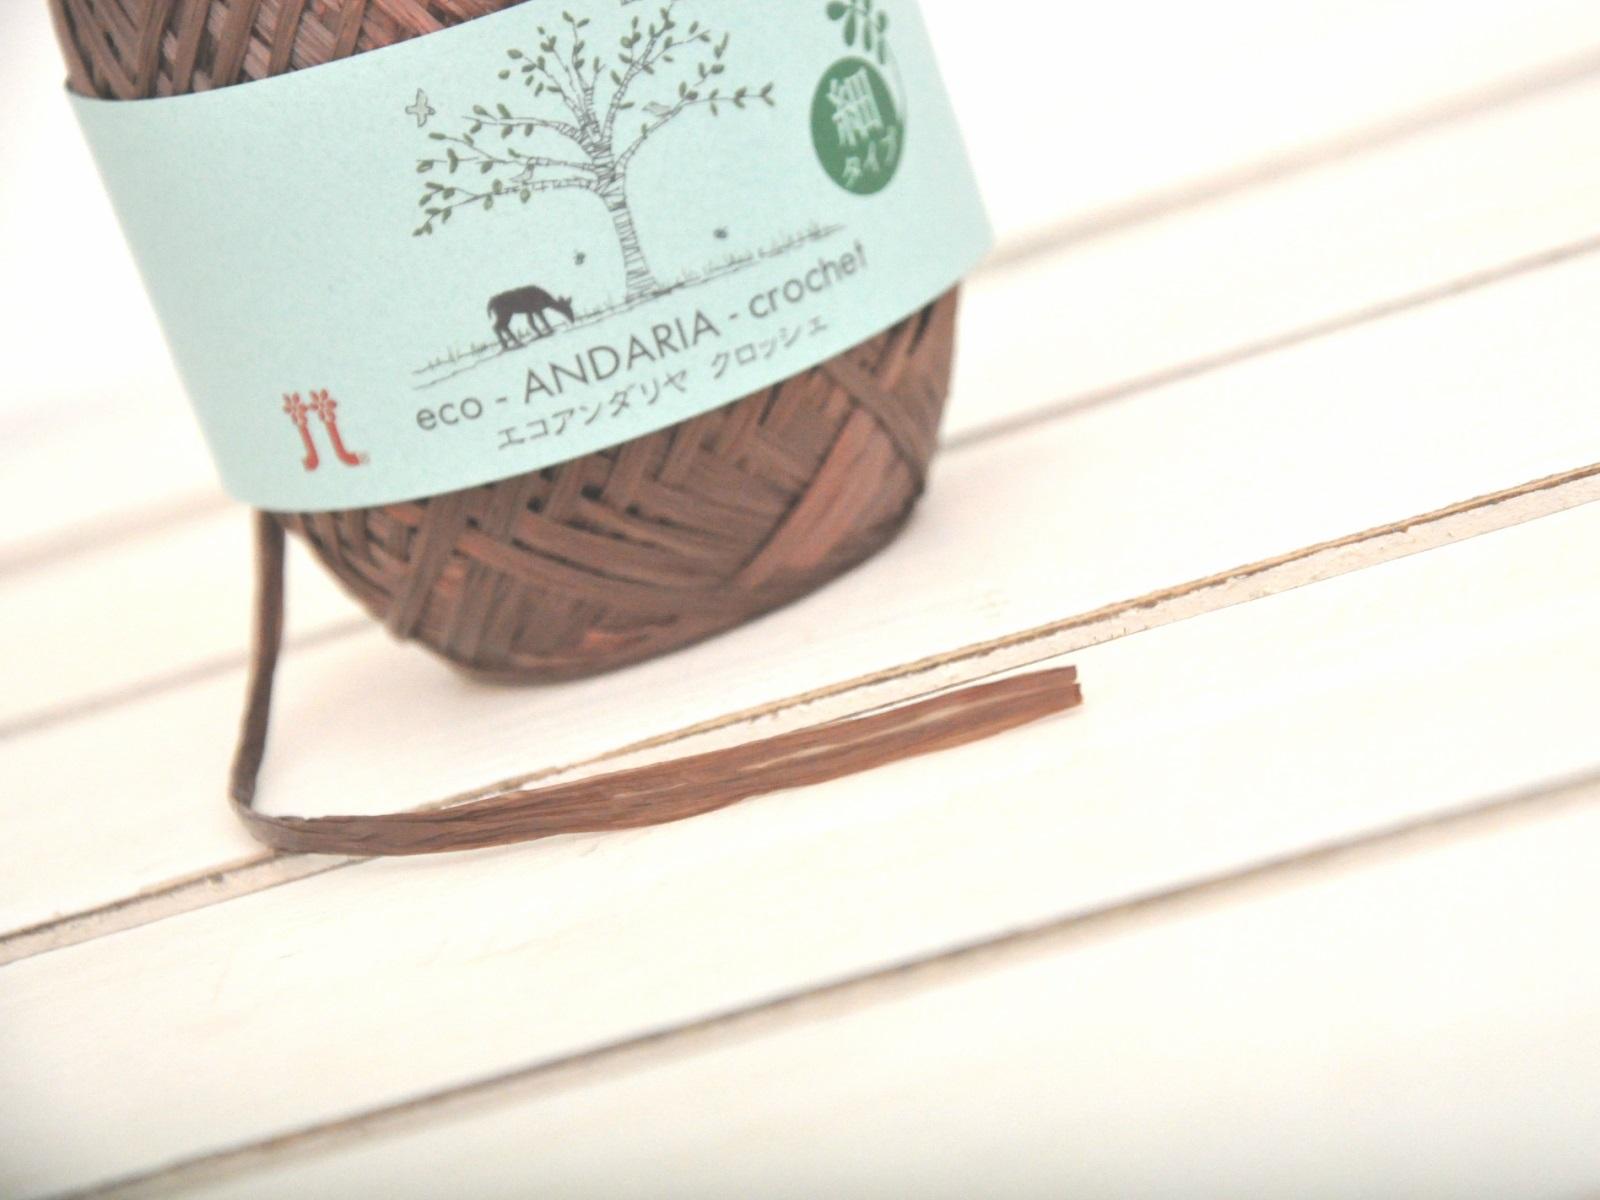 是最受欢迎的商品安塔利亚钩的 eco ANDARIA 钩针日本制造的夏天 ♪ 质地柔滑是夏季的完美 ! 小玩意和内政和时尚配件 / 帽子 / 夏季纱 / 春天夏天 / 苏美尔 /Yarn / 钩针 / 05P11Apr457。